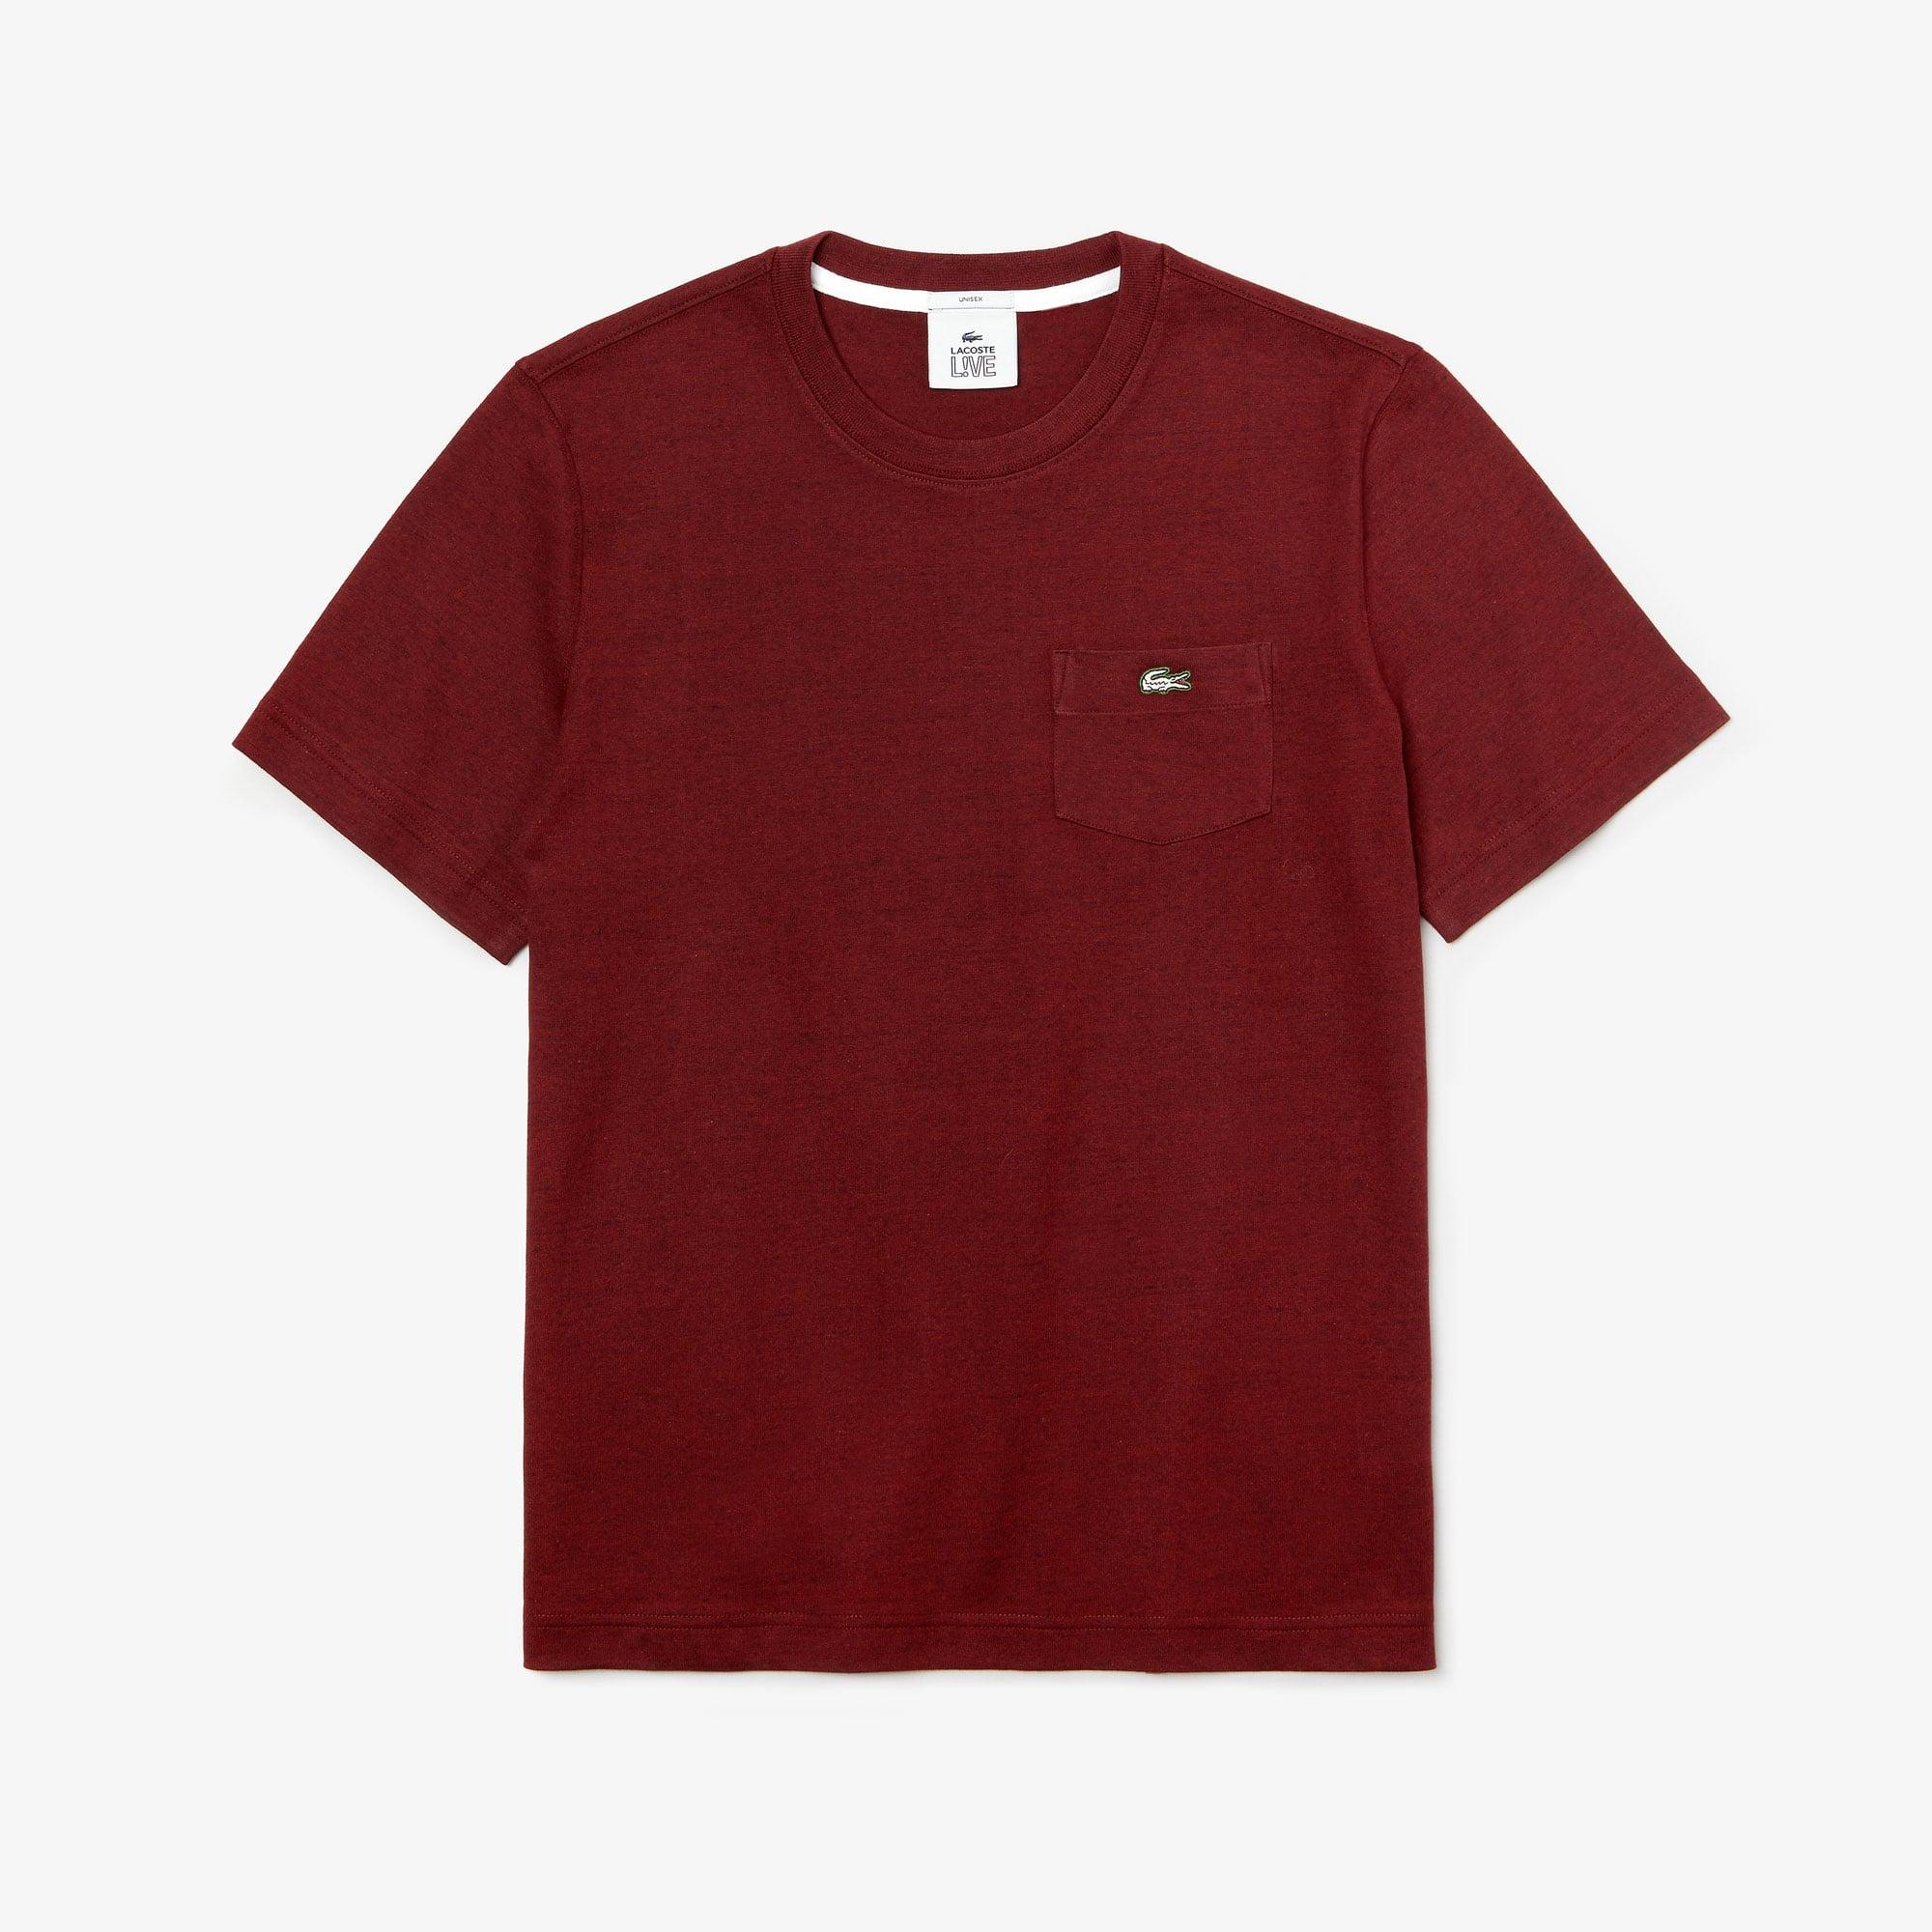 grossiste 459f6 5b1cd T-Shirts | Vêtements Homme | LACOSTE